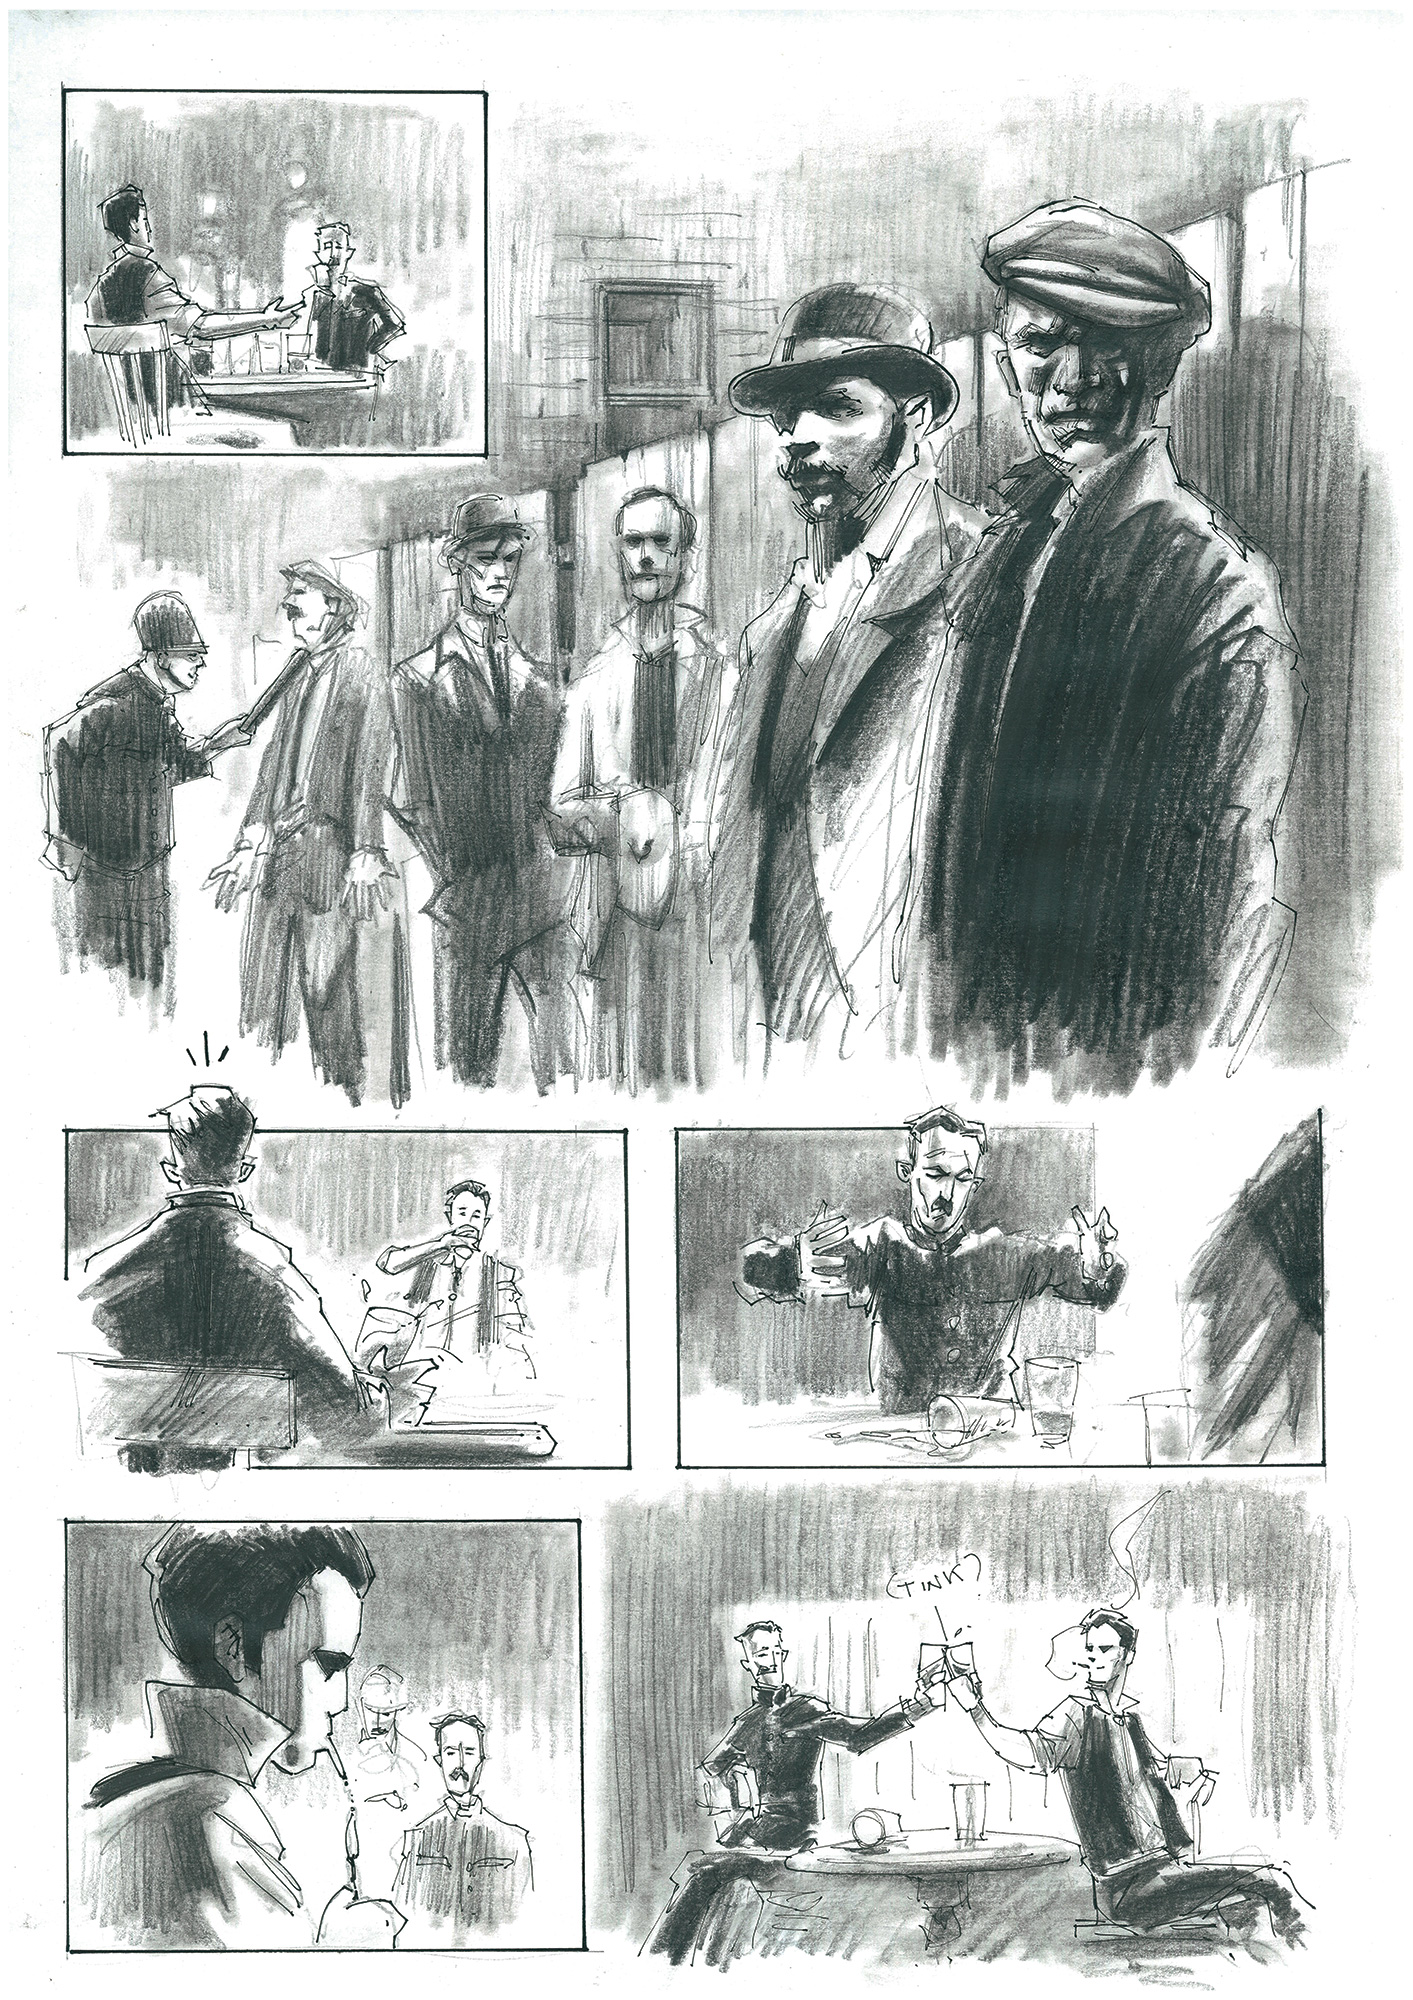 Tavola da J.W.Wiland vol. II